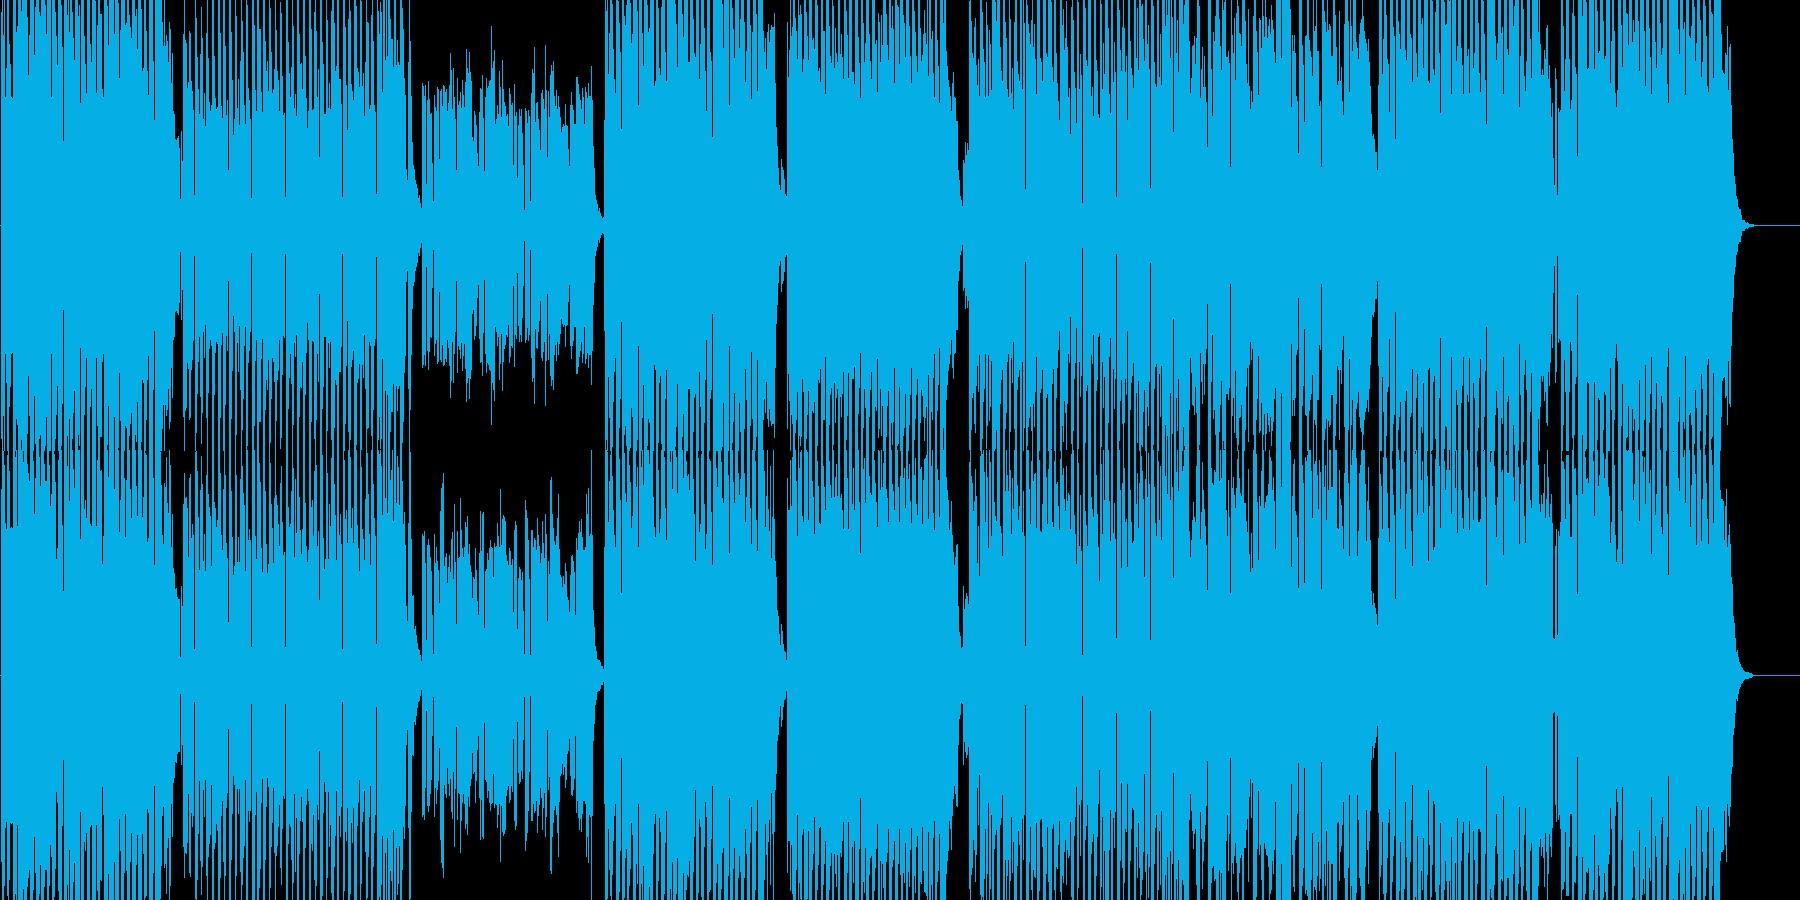 ポップなEDM系インスト曲の再生済みの波形